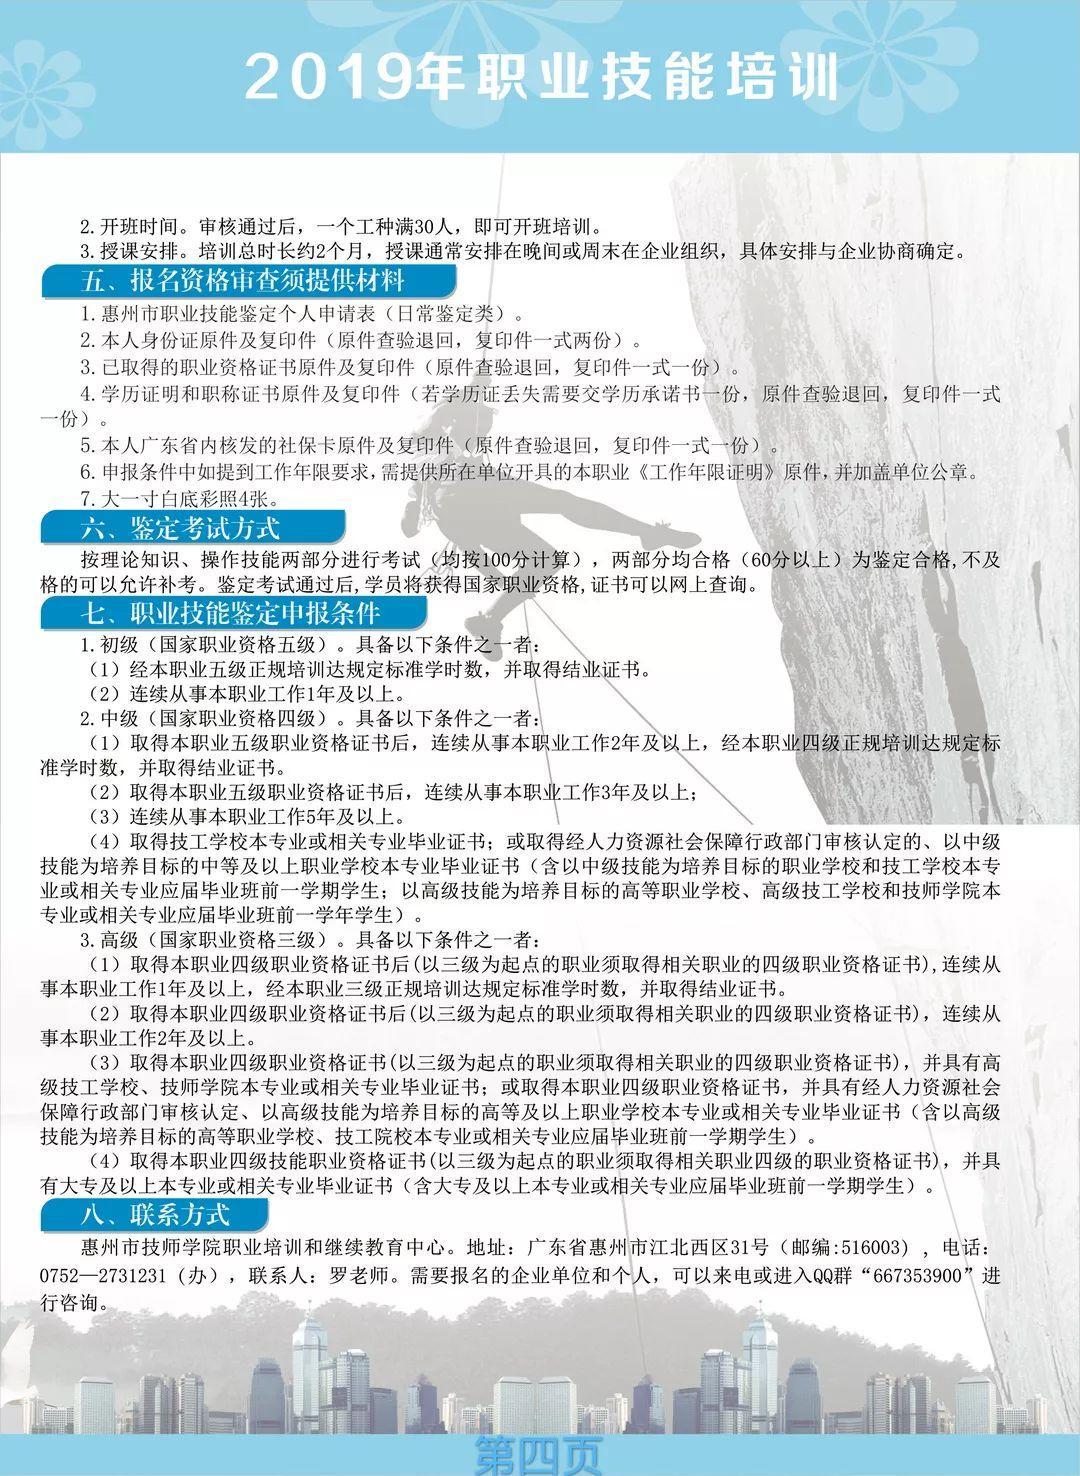 惠州市技师学院2019年职业技能培训招生简章